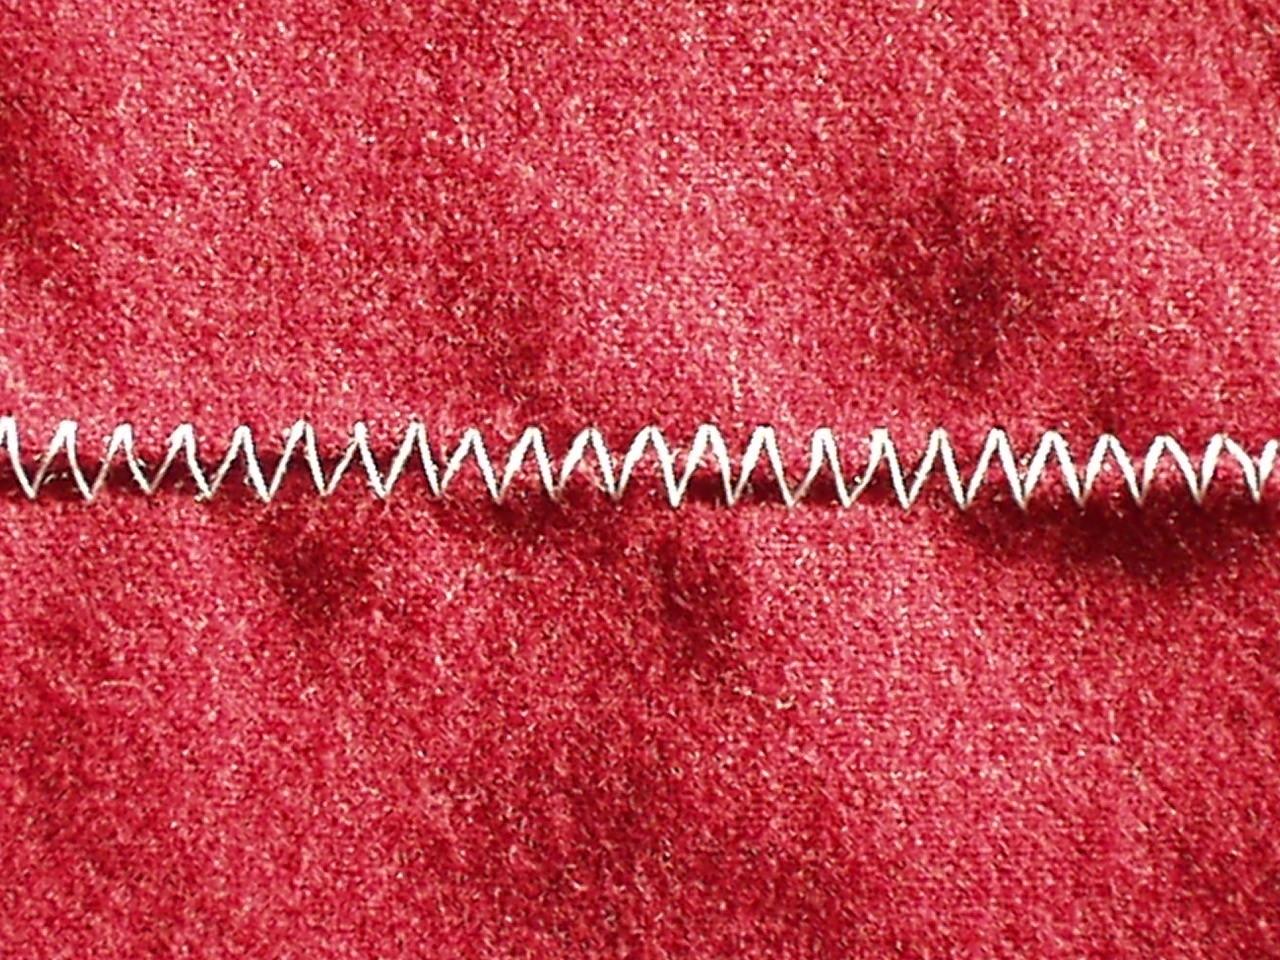 ジグザグ ミシン よ れる 初心者にありがち、裁ち目かがりを使わずジグザグ縫いで済ませている...